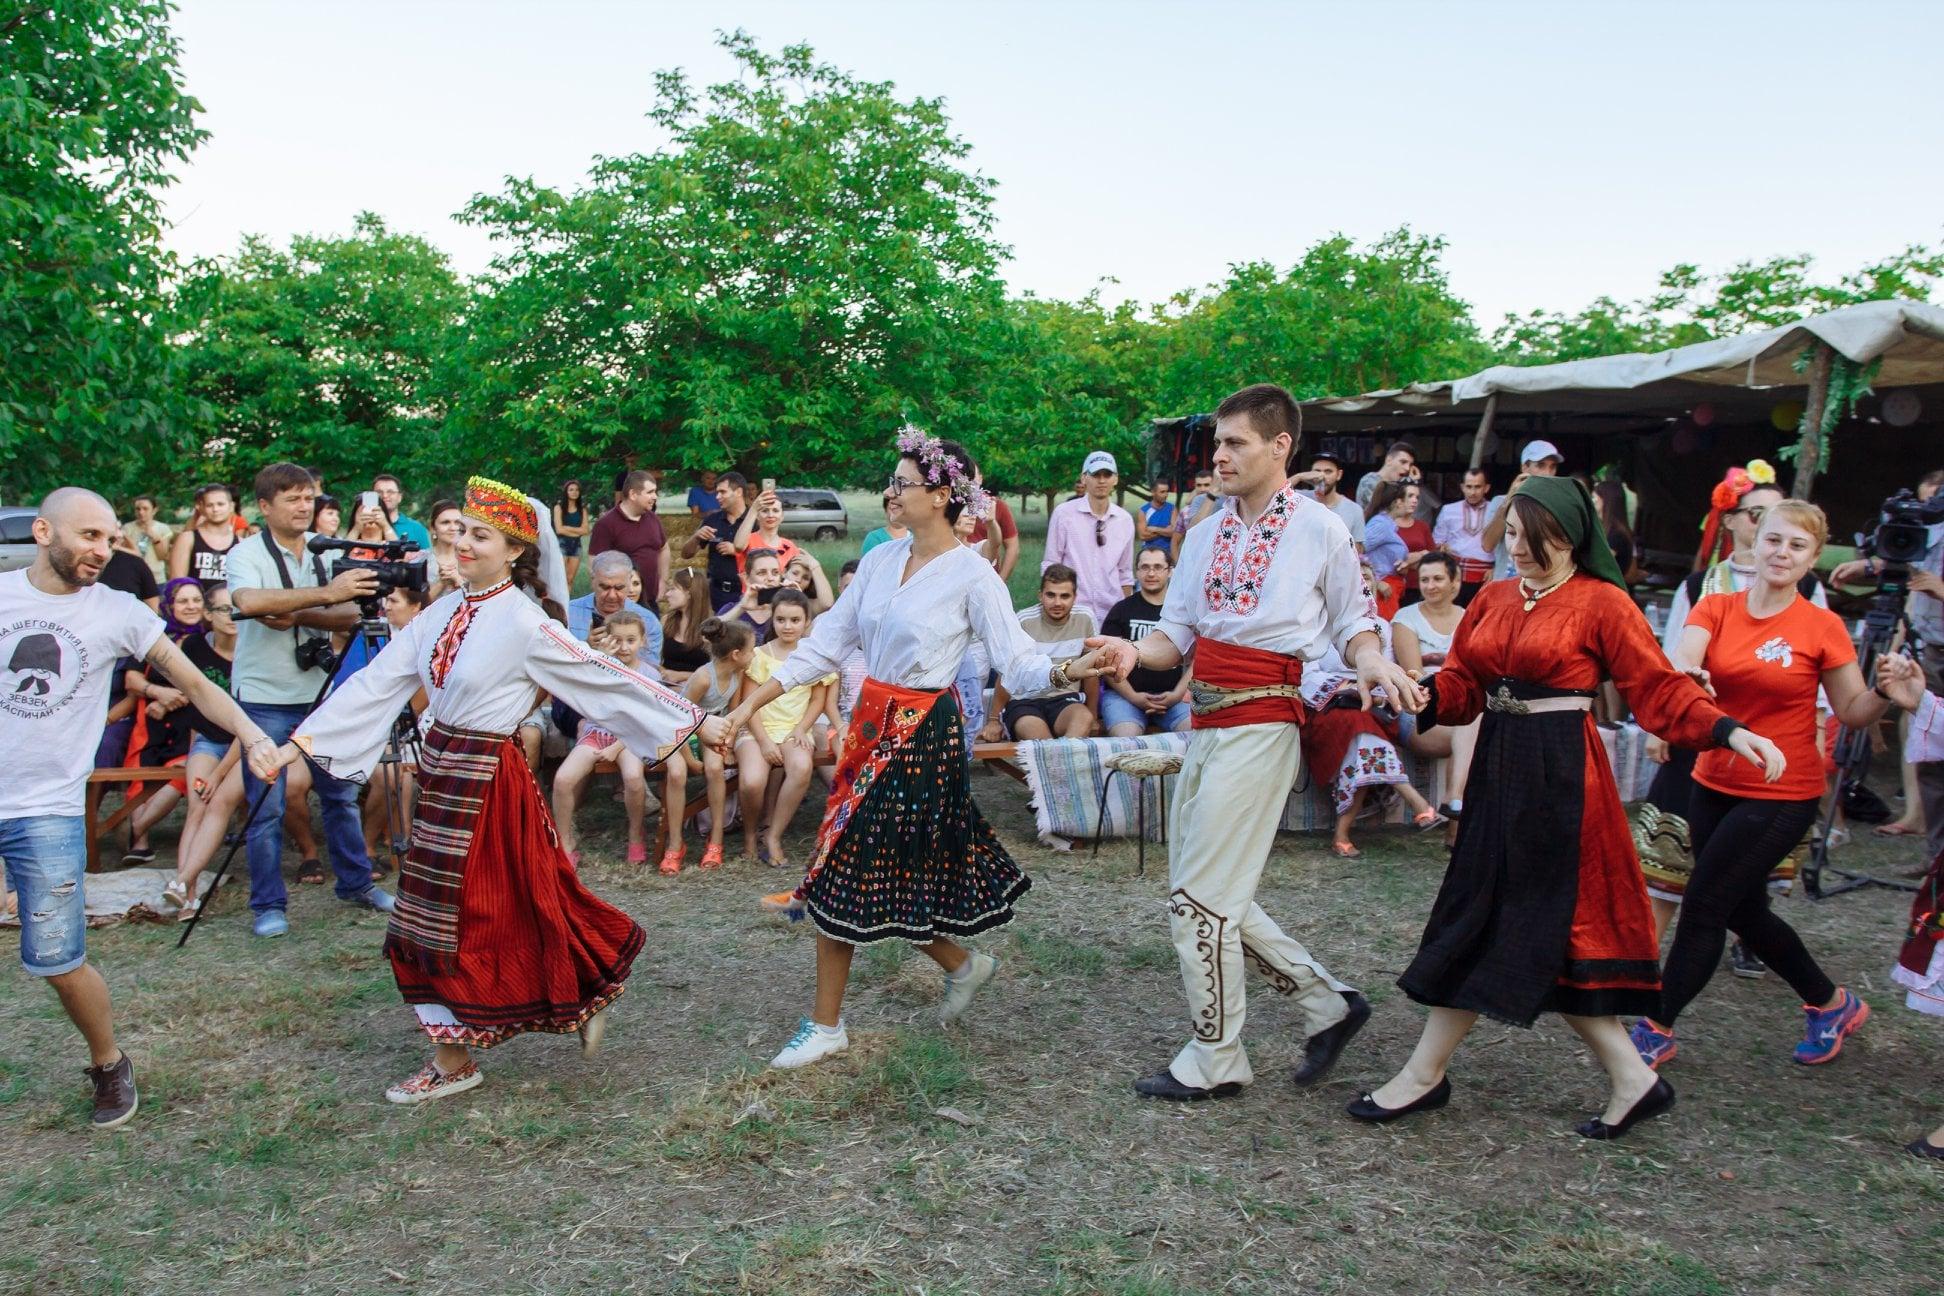 До последнего стоящего на ногах: в колоритном селе Бессарабии пройдет традиционная встреча болгар